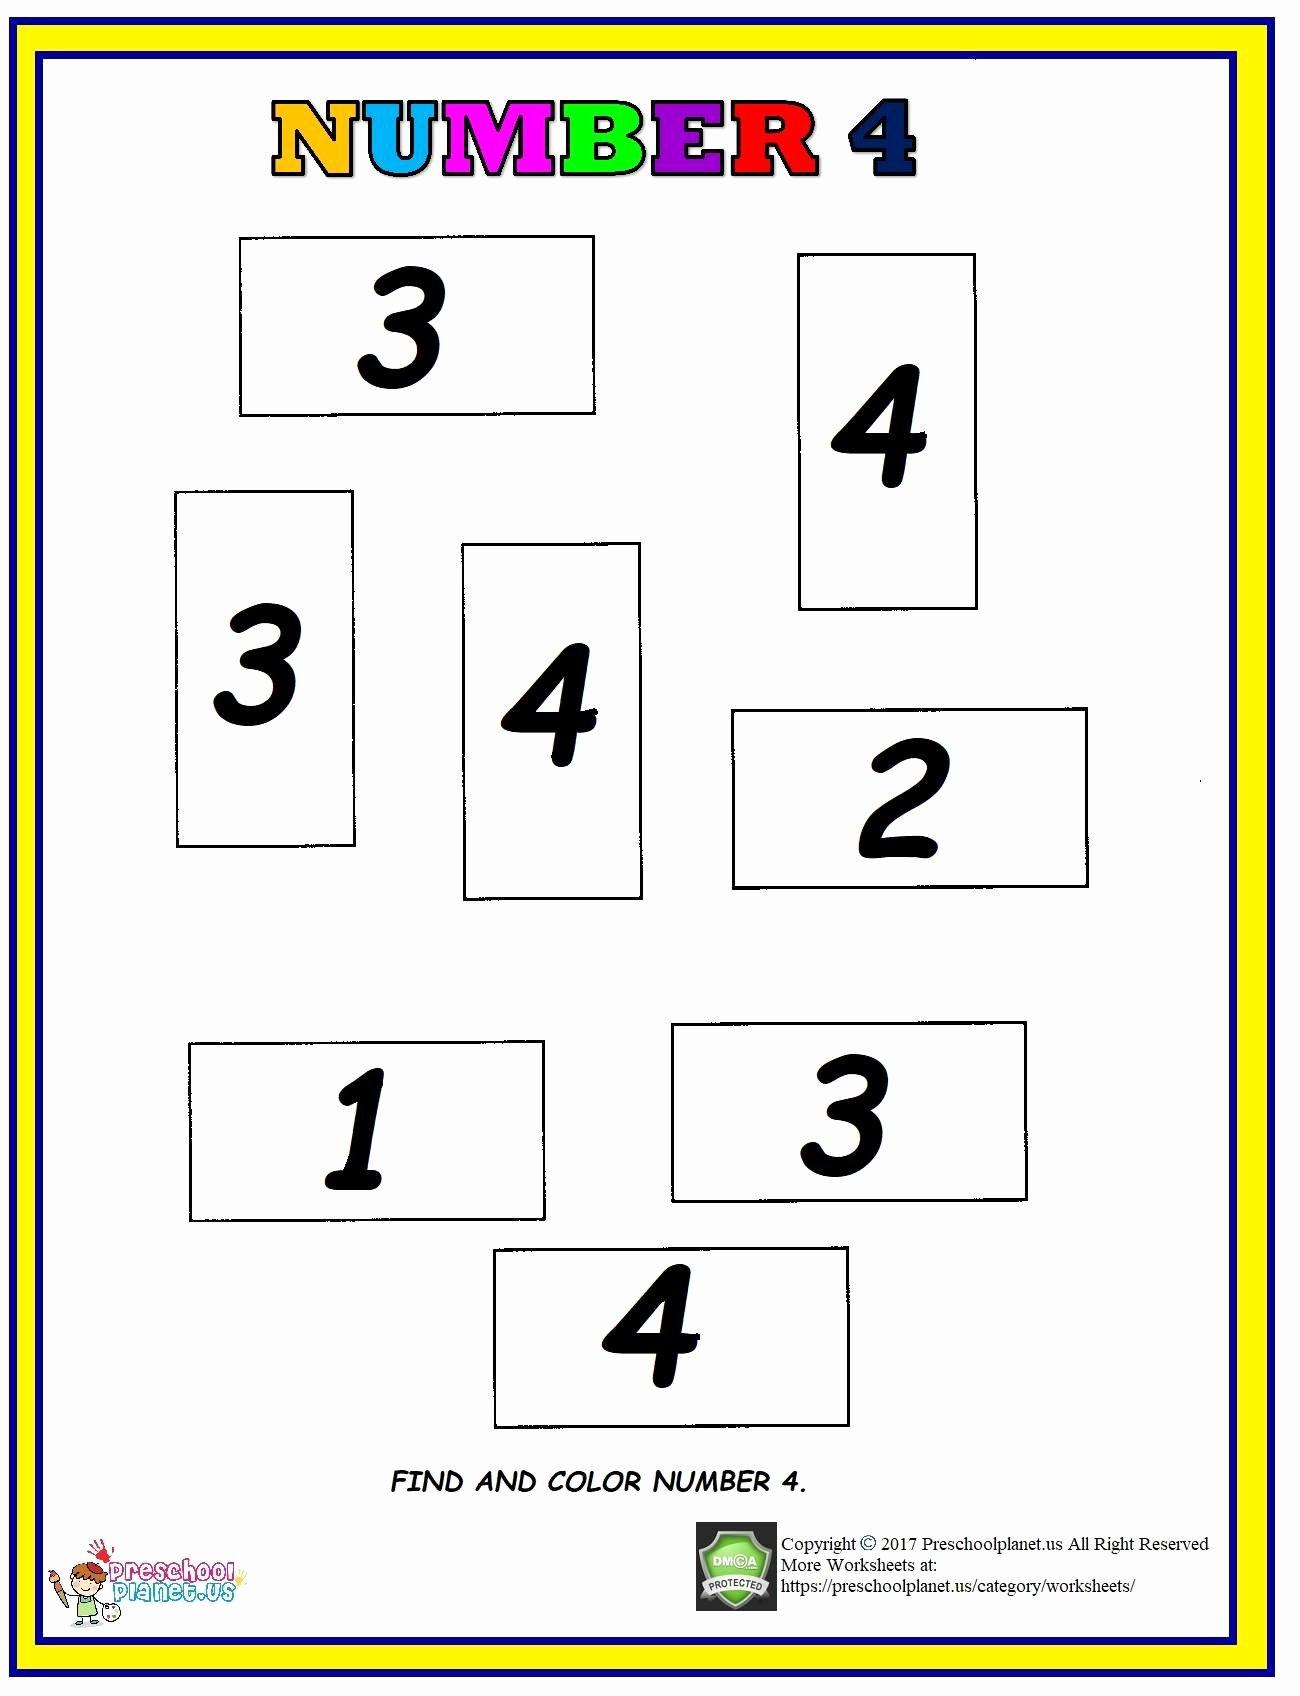 Number 4 Worksheets for Preschoolers Lovely Number 4 Find and Color Worksheet – Preschoolplanet